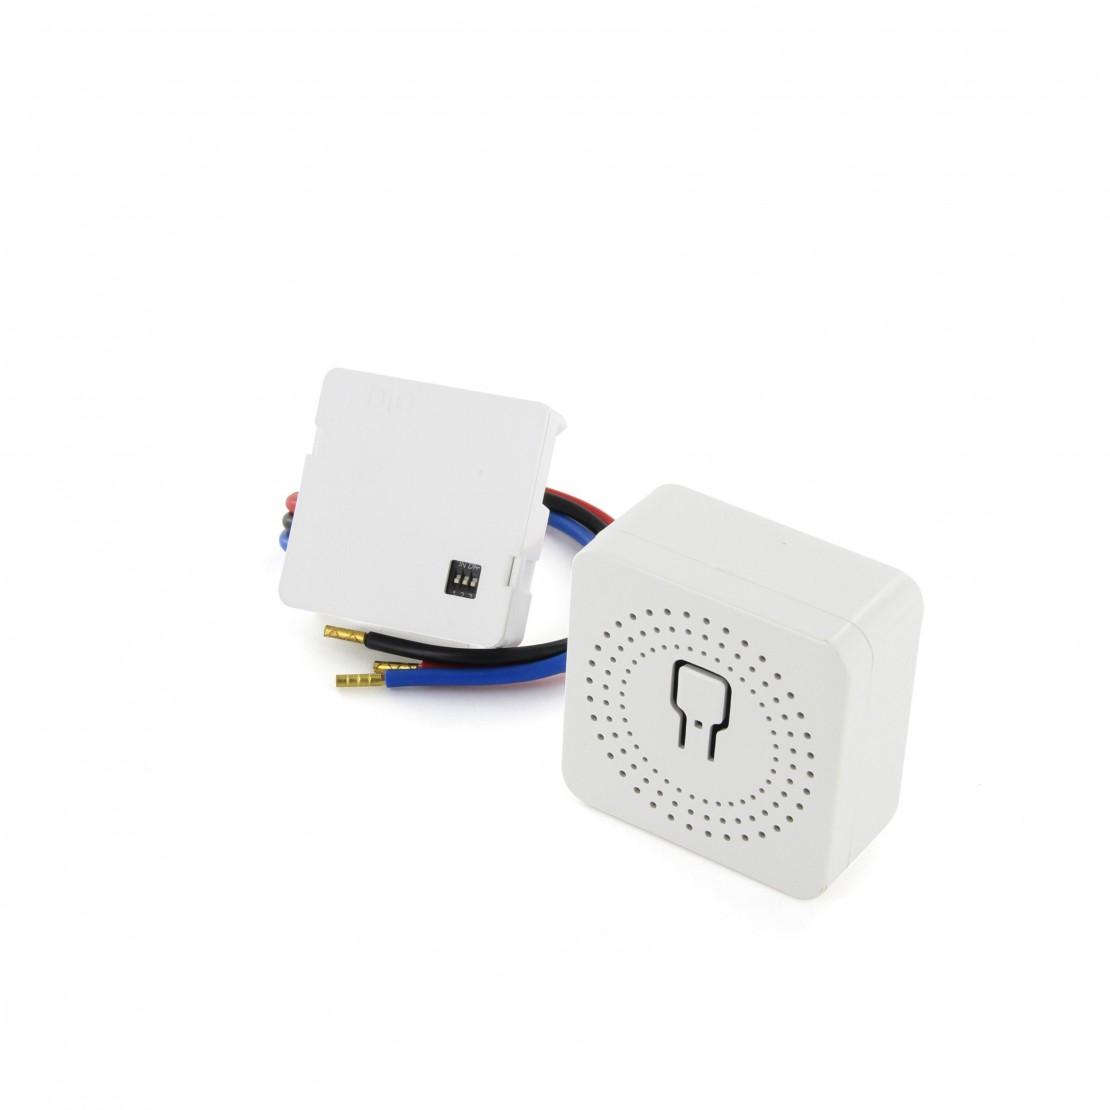 Pack Eclairage discret DiO 2.0 Module éclairage & module éme tteur